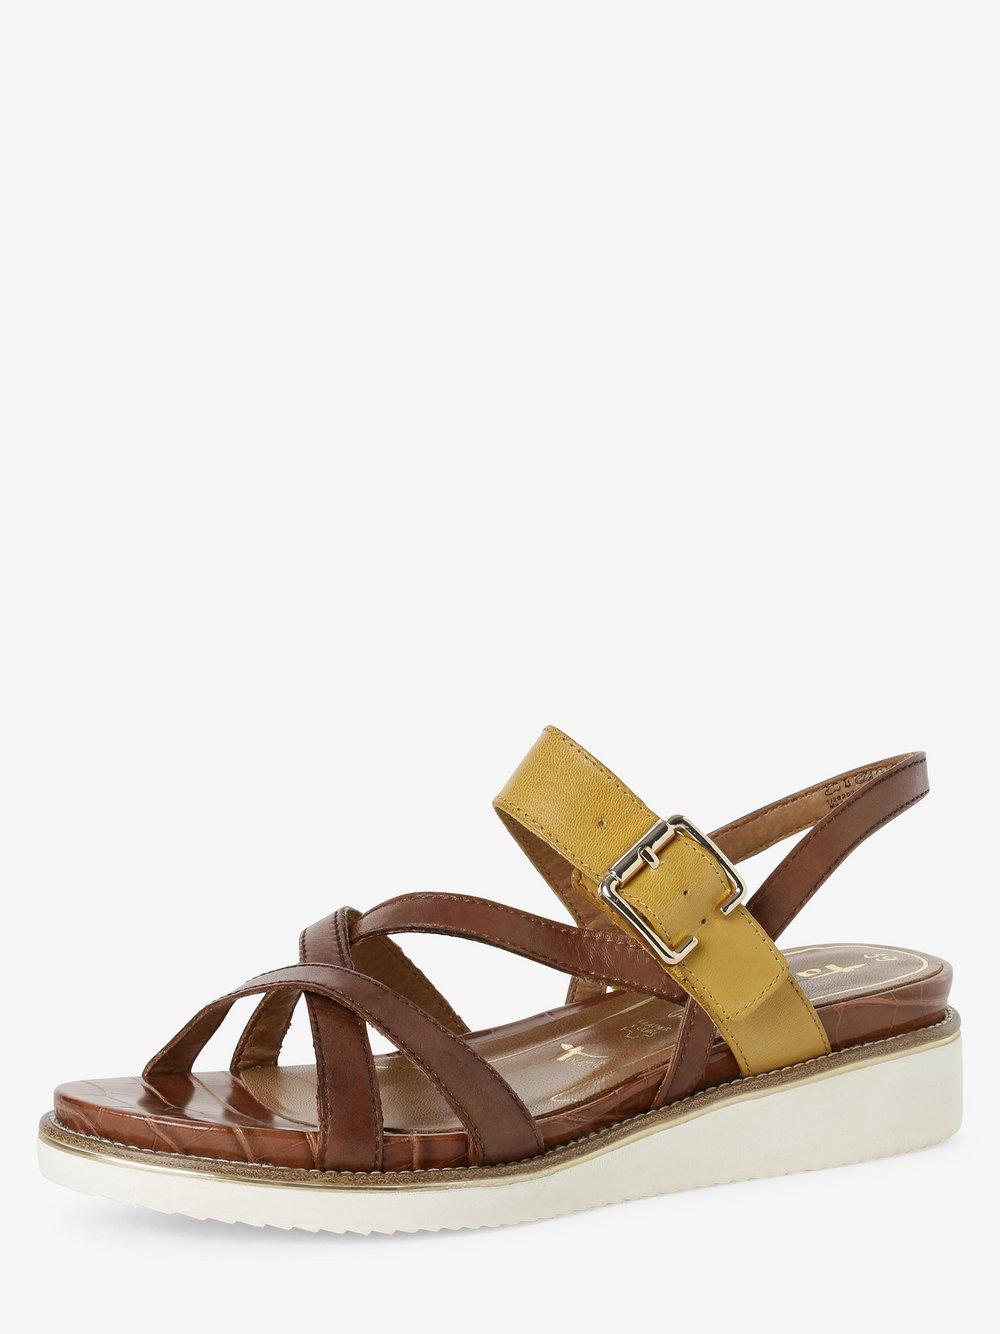 Tamaris - Sandały damskie ze skóry, brązowy